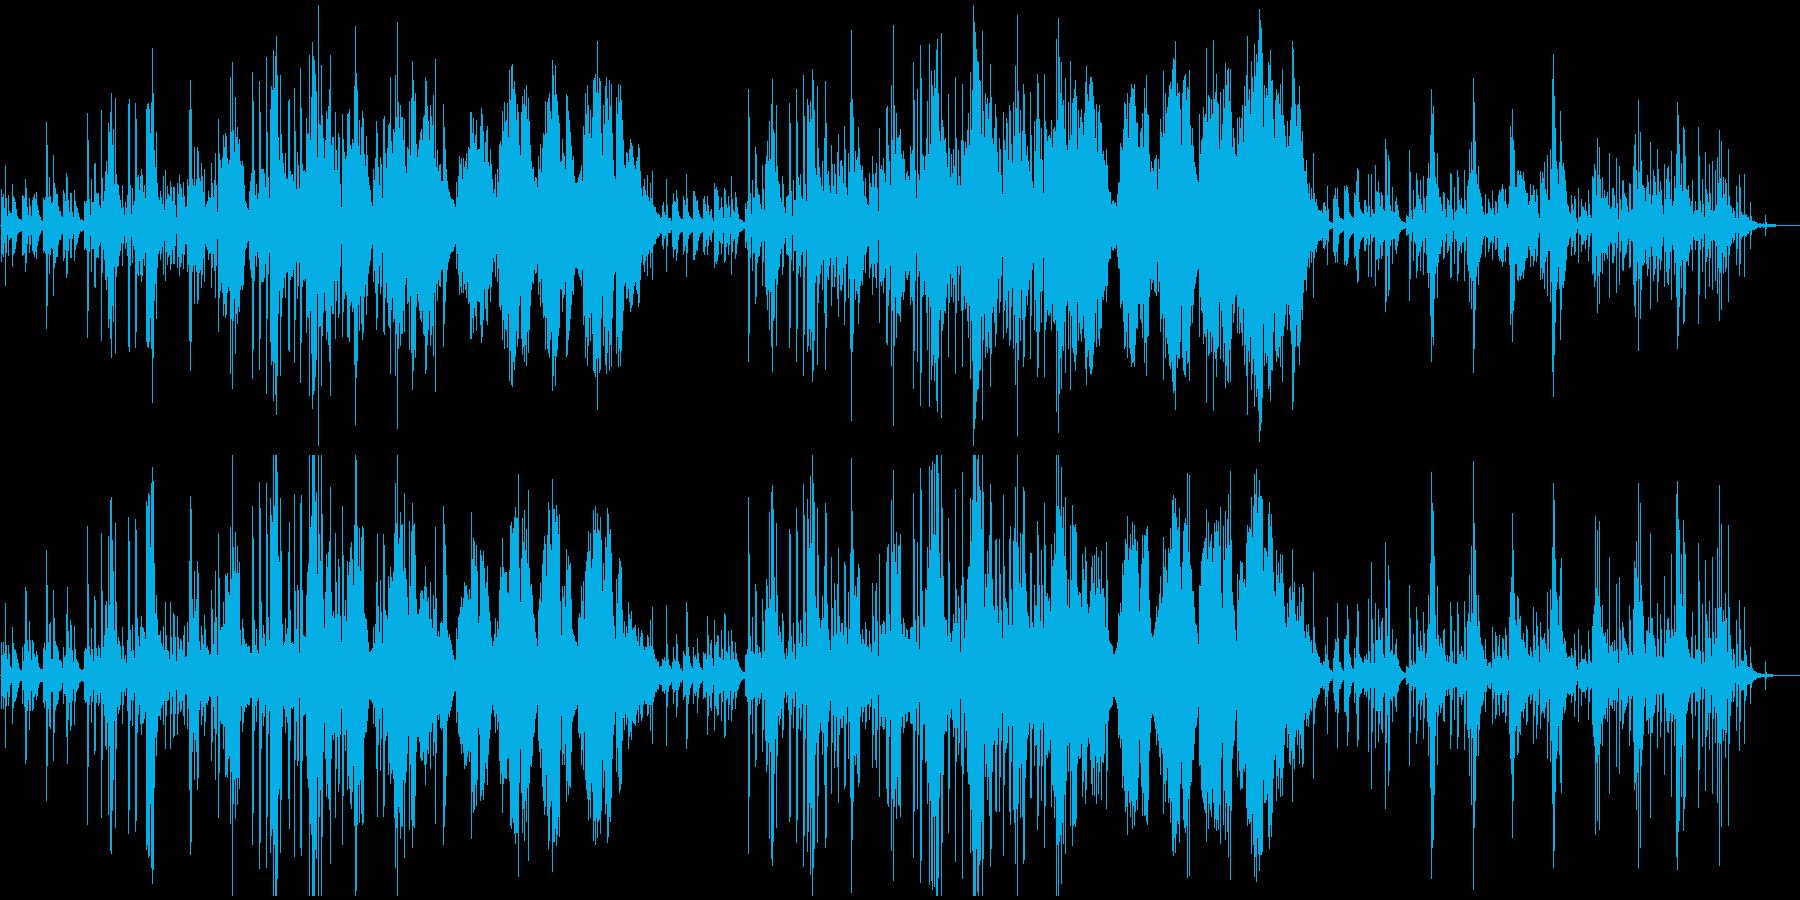 モーニングルーティン・自然・ピアノソロの再生済みの波形